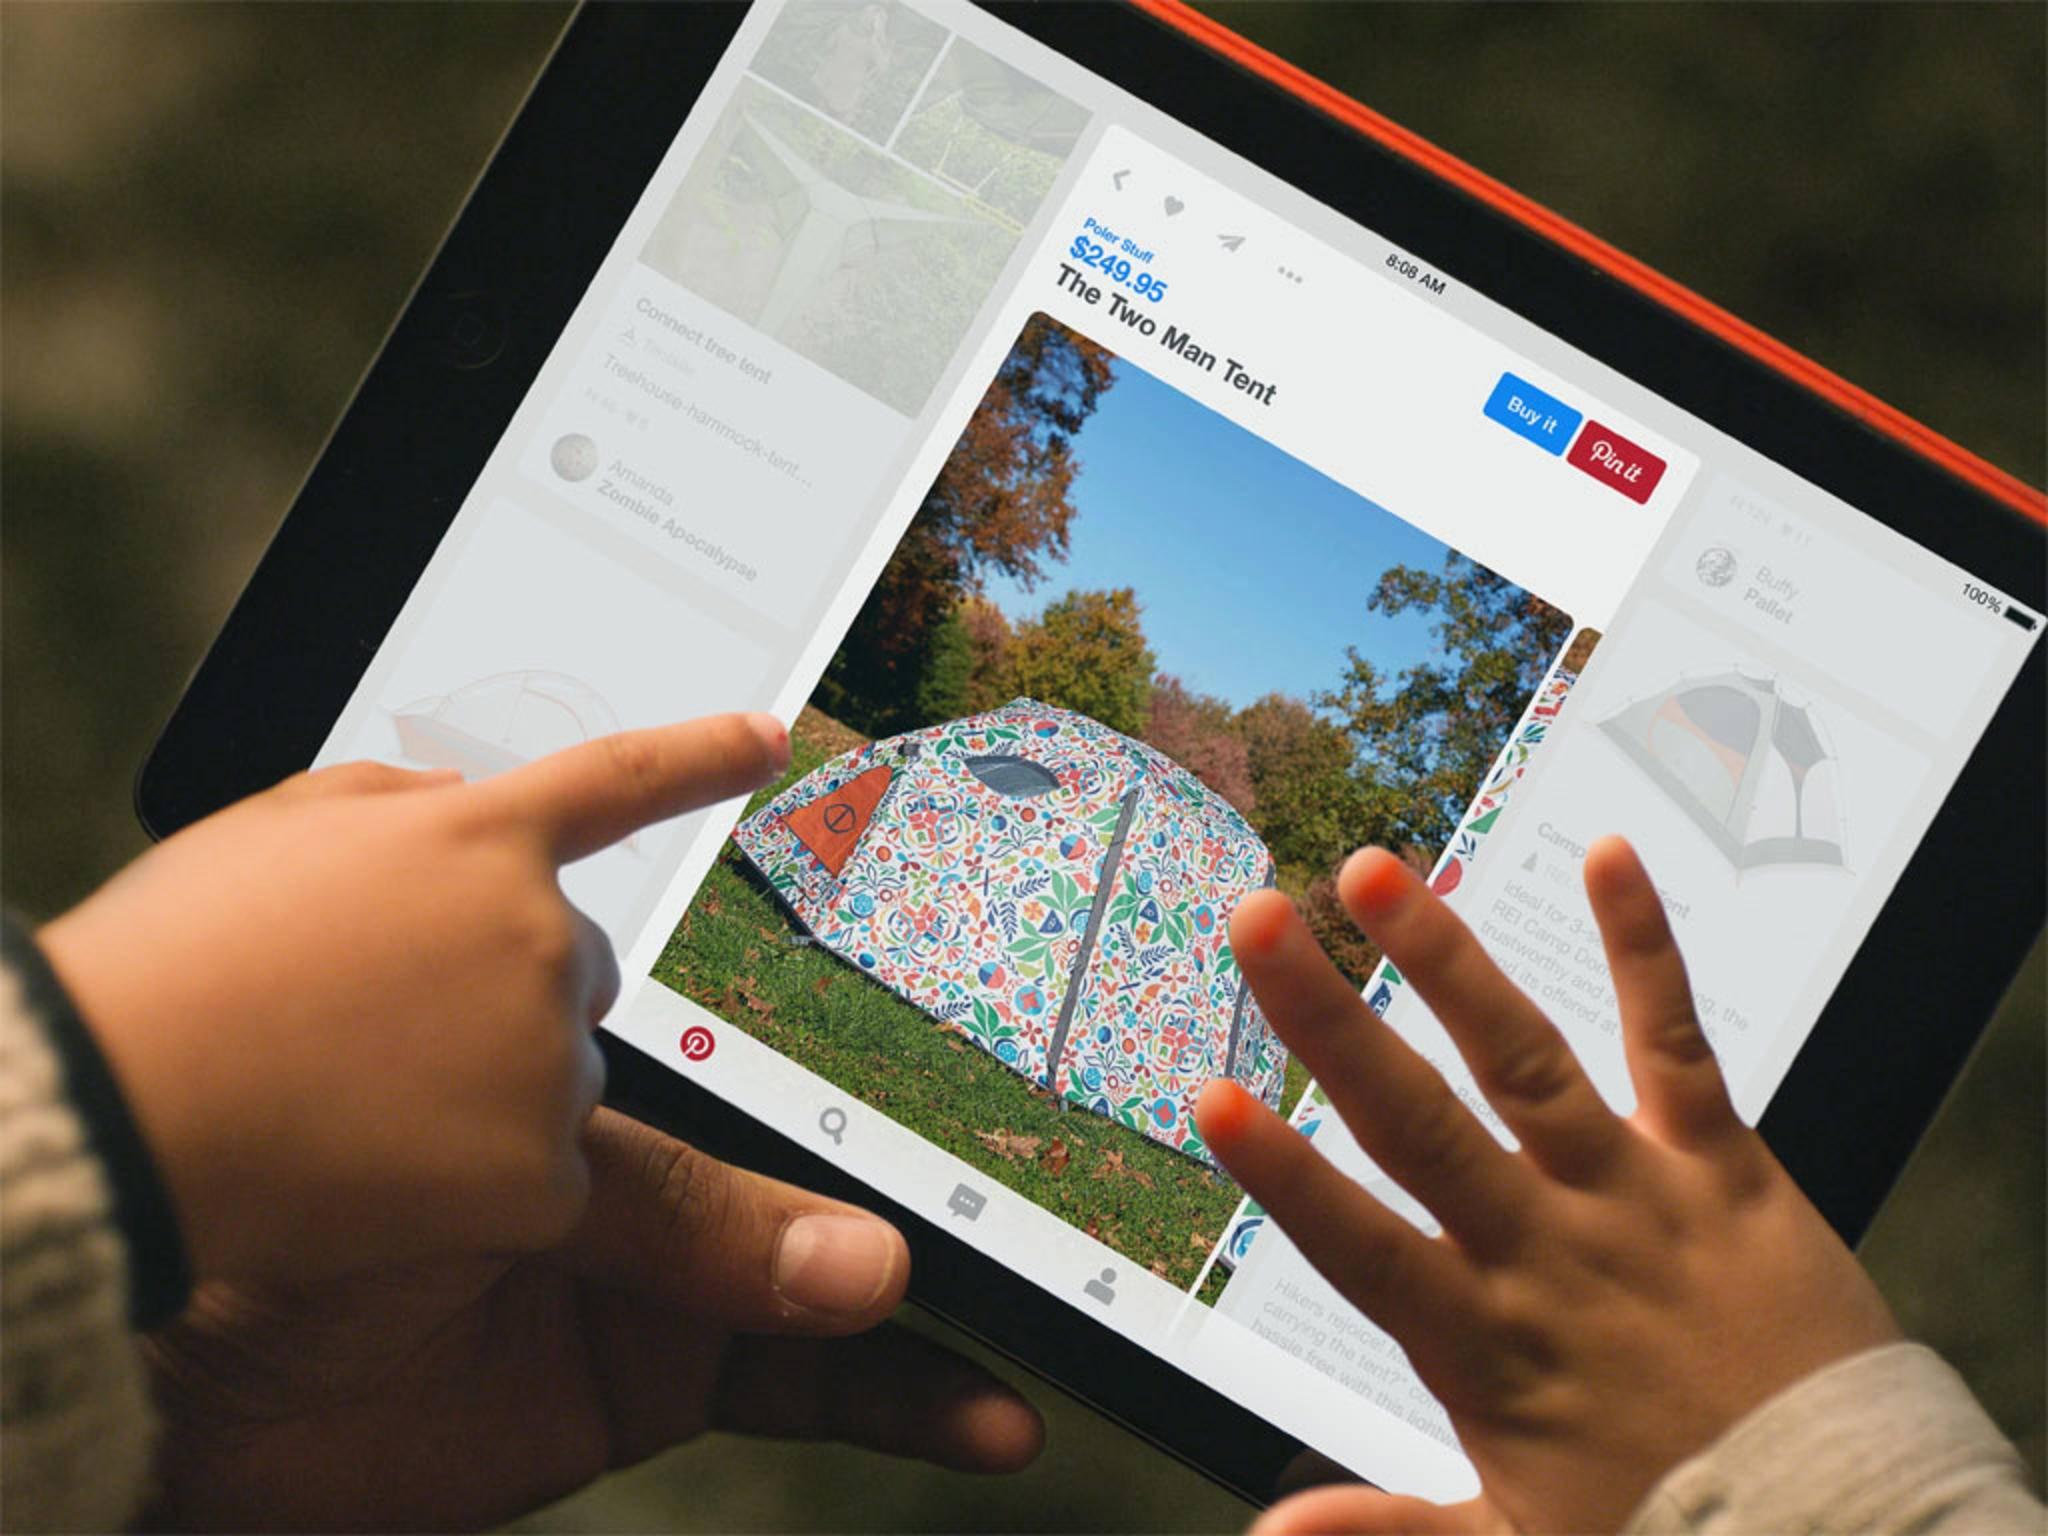 Blauer Button bei Pinterest: Bald werden US-Nutzer Pins auch kaufen können.